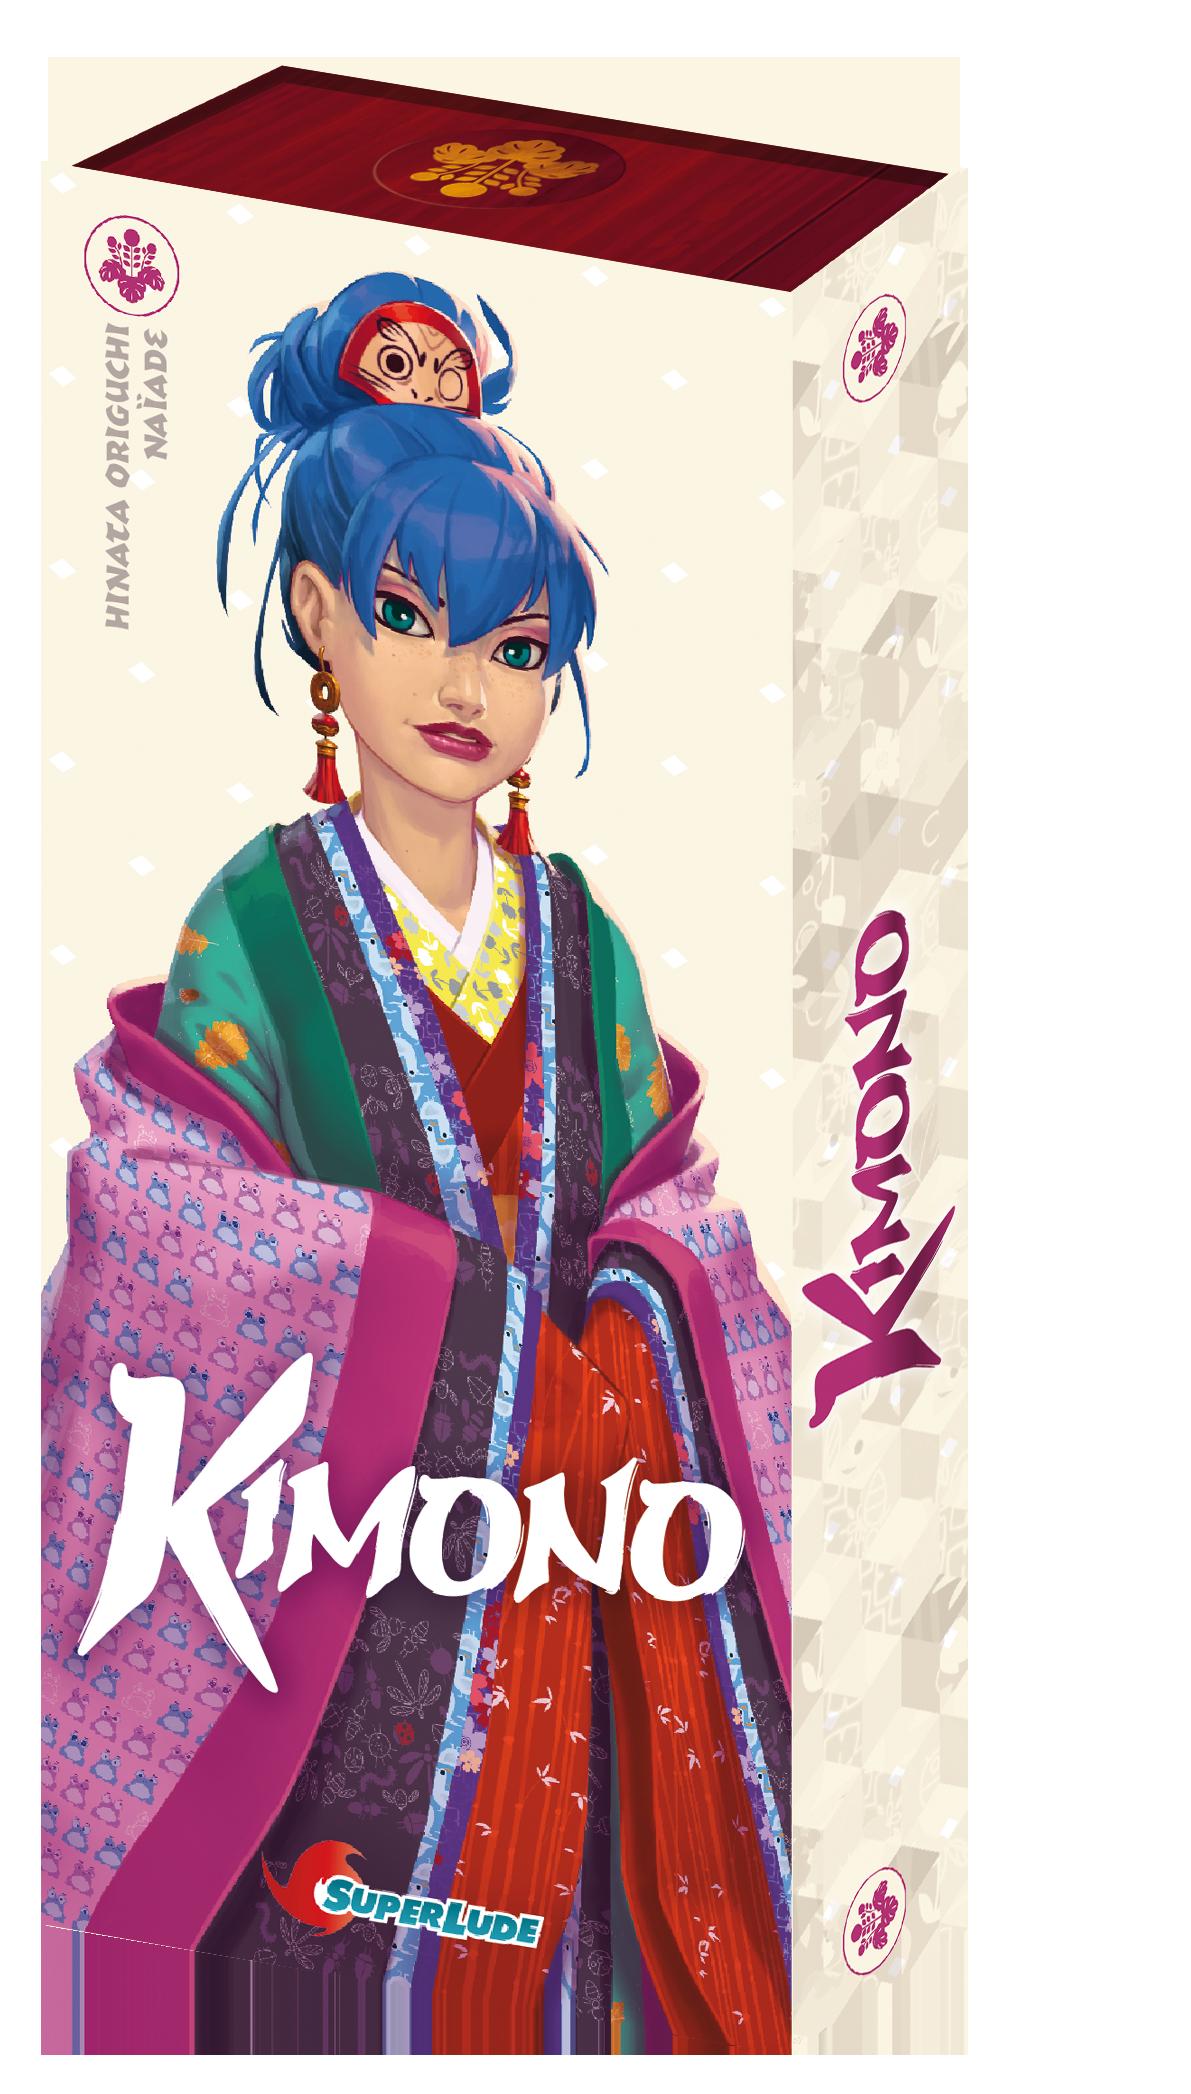 3Dboxkimono-applat